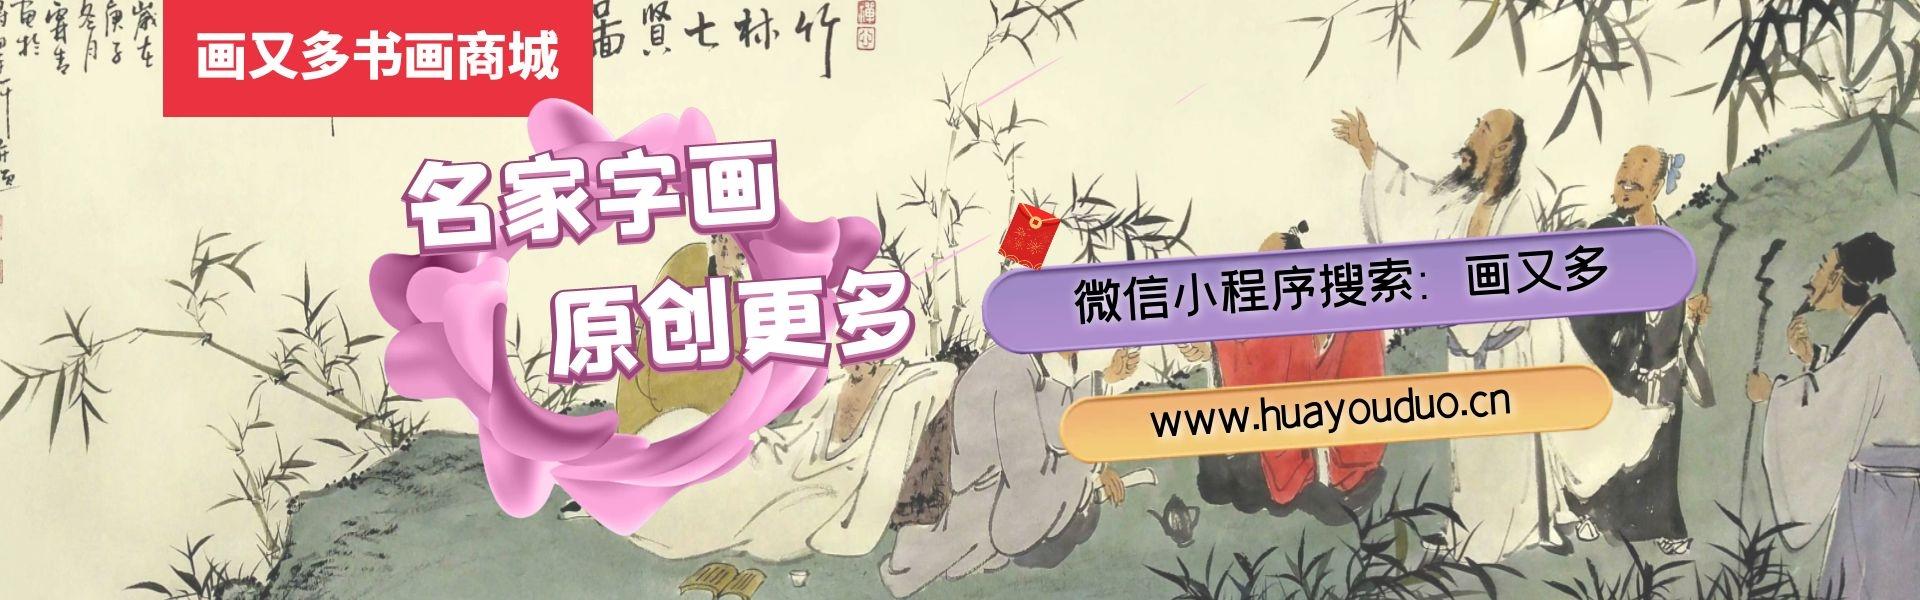 惠州市景荣科技有限公司